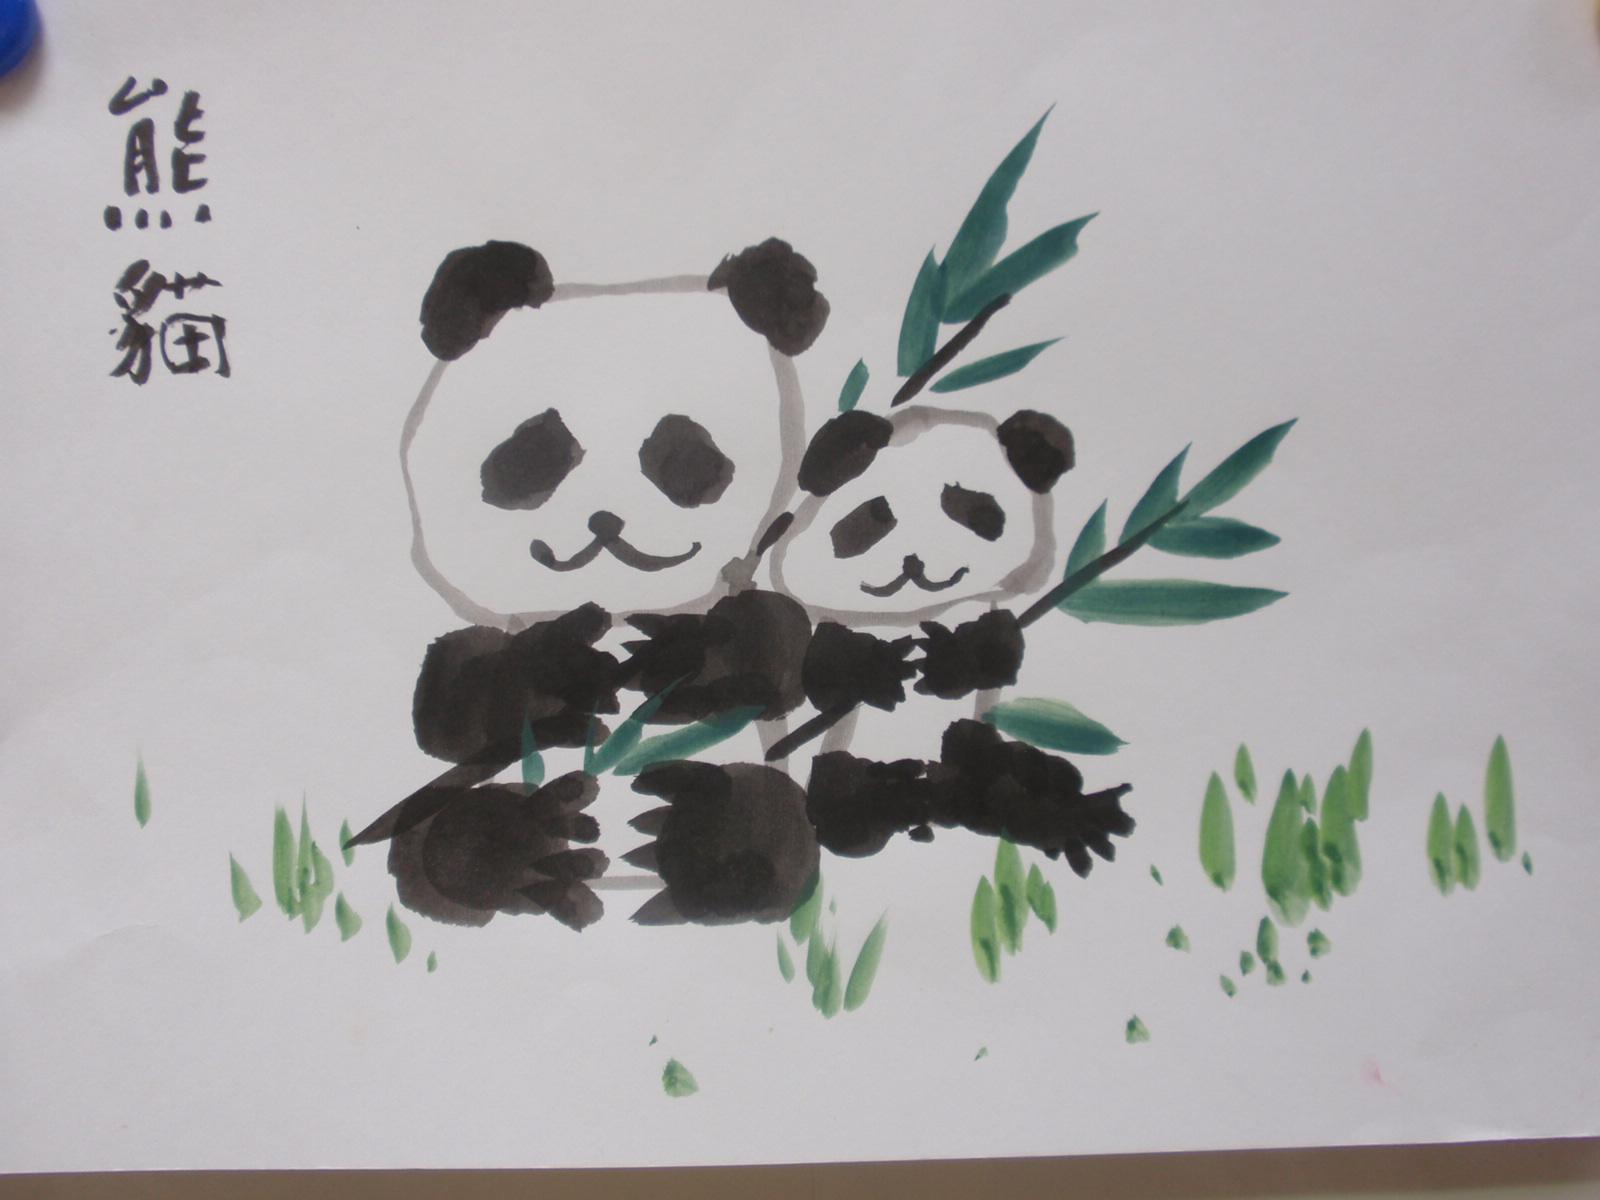 世界藝術家 蔡豐名 生活集錦: 邱敏華的兒童水墨畫班